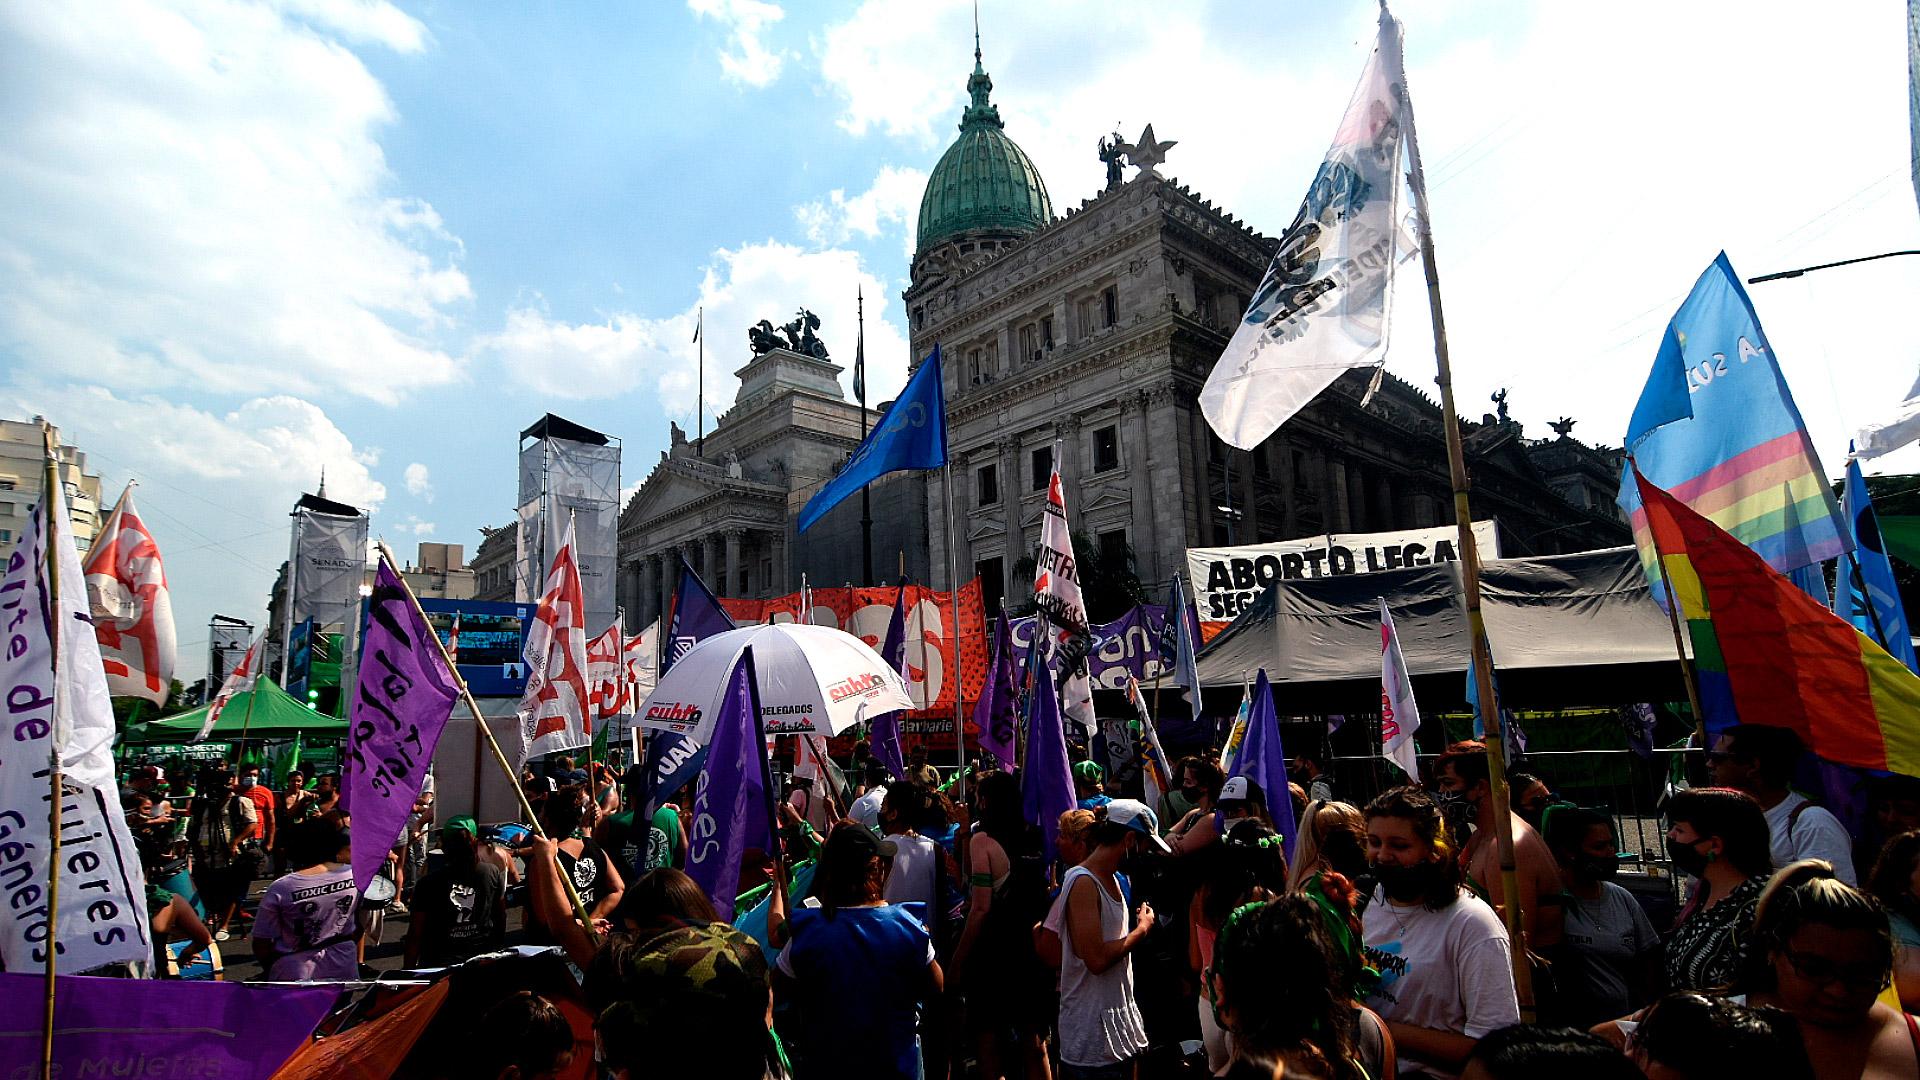 Al igual que ocurrió durante el tratamiento del proyecto en Diputados, miles de personas se movilizaron frente al Congreso para manifestar su apoyo o rechazo a la norma